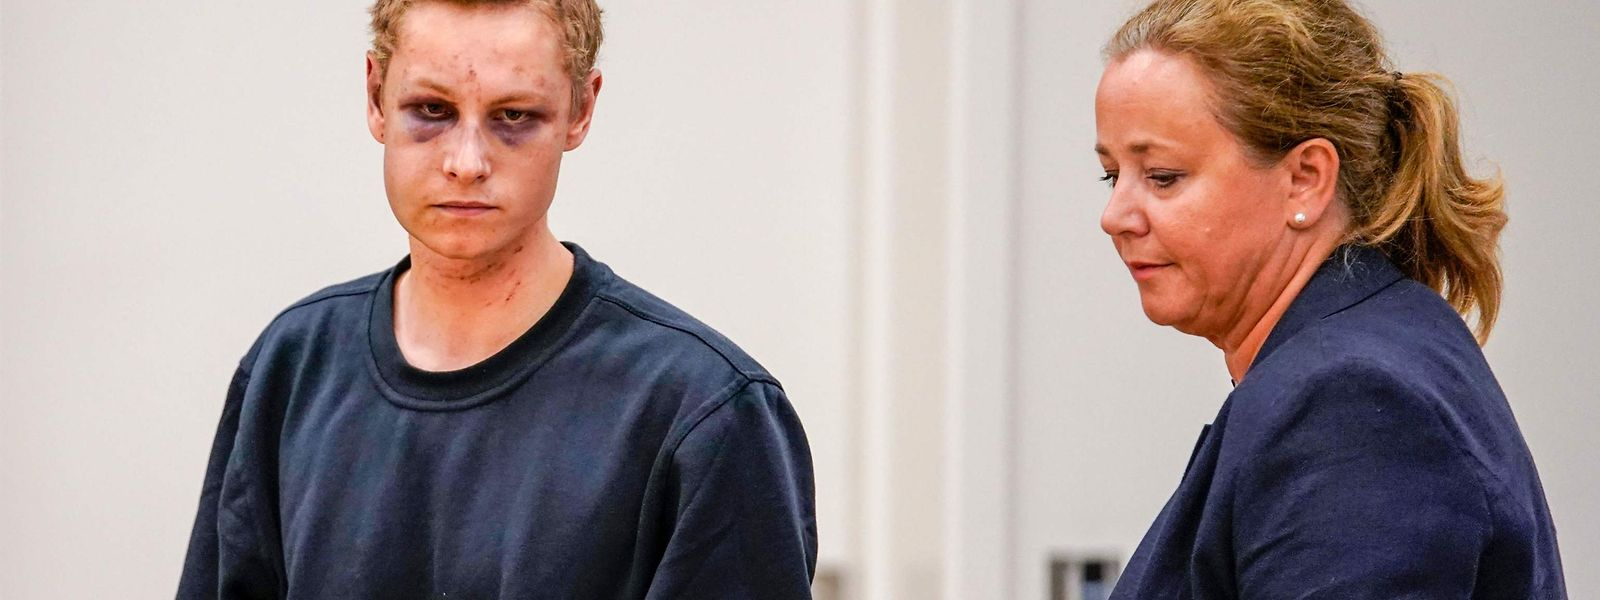 Der Attentäter Philip Manshaus kurz nach dem Anschlag bei einer Anhörung vor Gericht. Bei seiner Verhaftung war er verletzt worden.